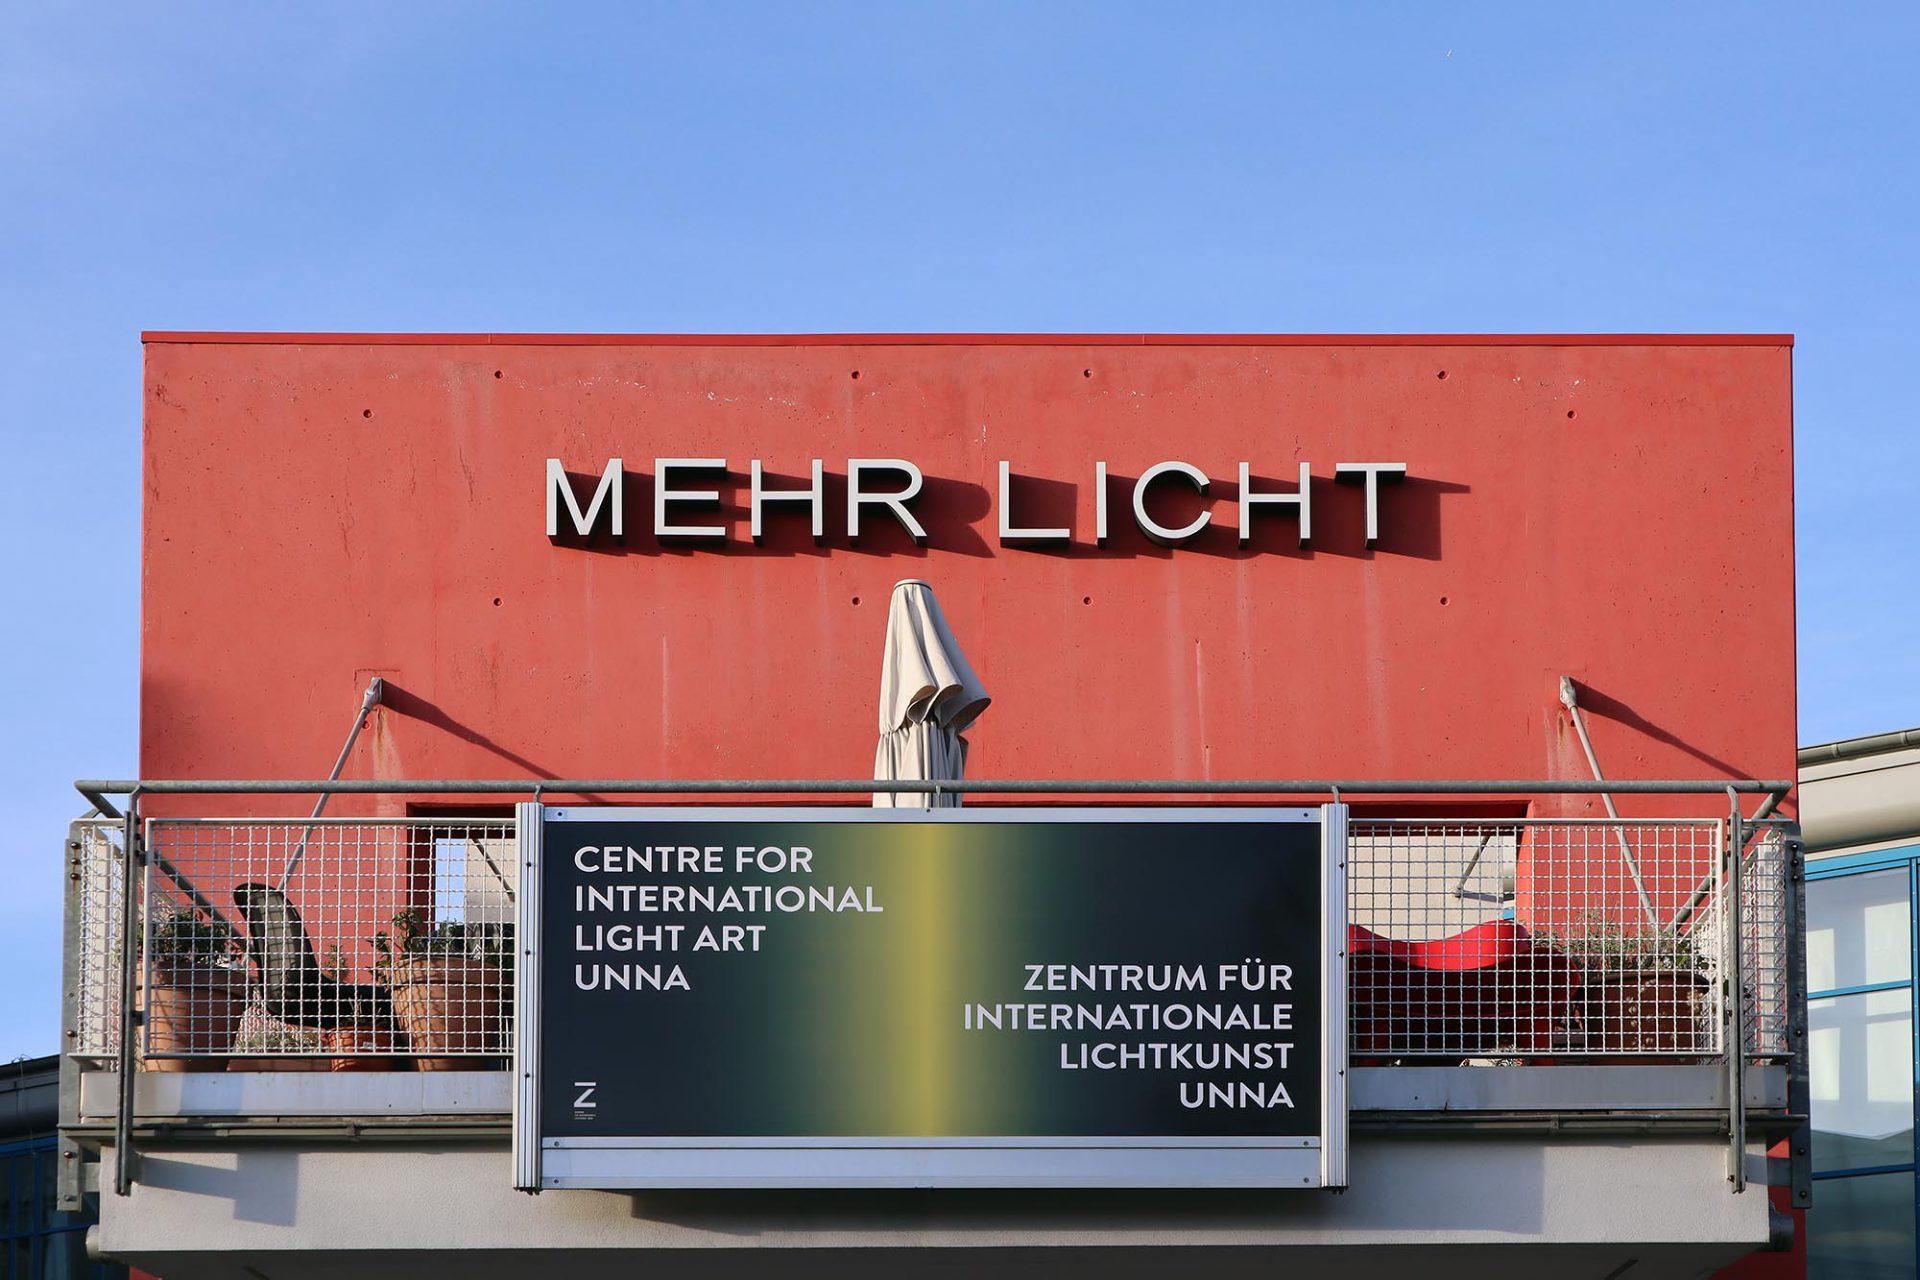 Zentrum für Internationale Lichtkunst. Das Gebäude der Lindenbrauerei wurde 1859 fertiggestellt. Der Umbau erfolgte 1991 zum Zentrum für Information und Bildung. Die Ausstellungsräume für die internationale Lichtkunst gibt es seit 2001. Die Lindenbrauerei ist Teil der Route der Industriekultur.